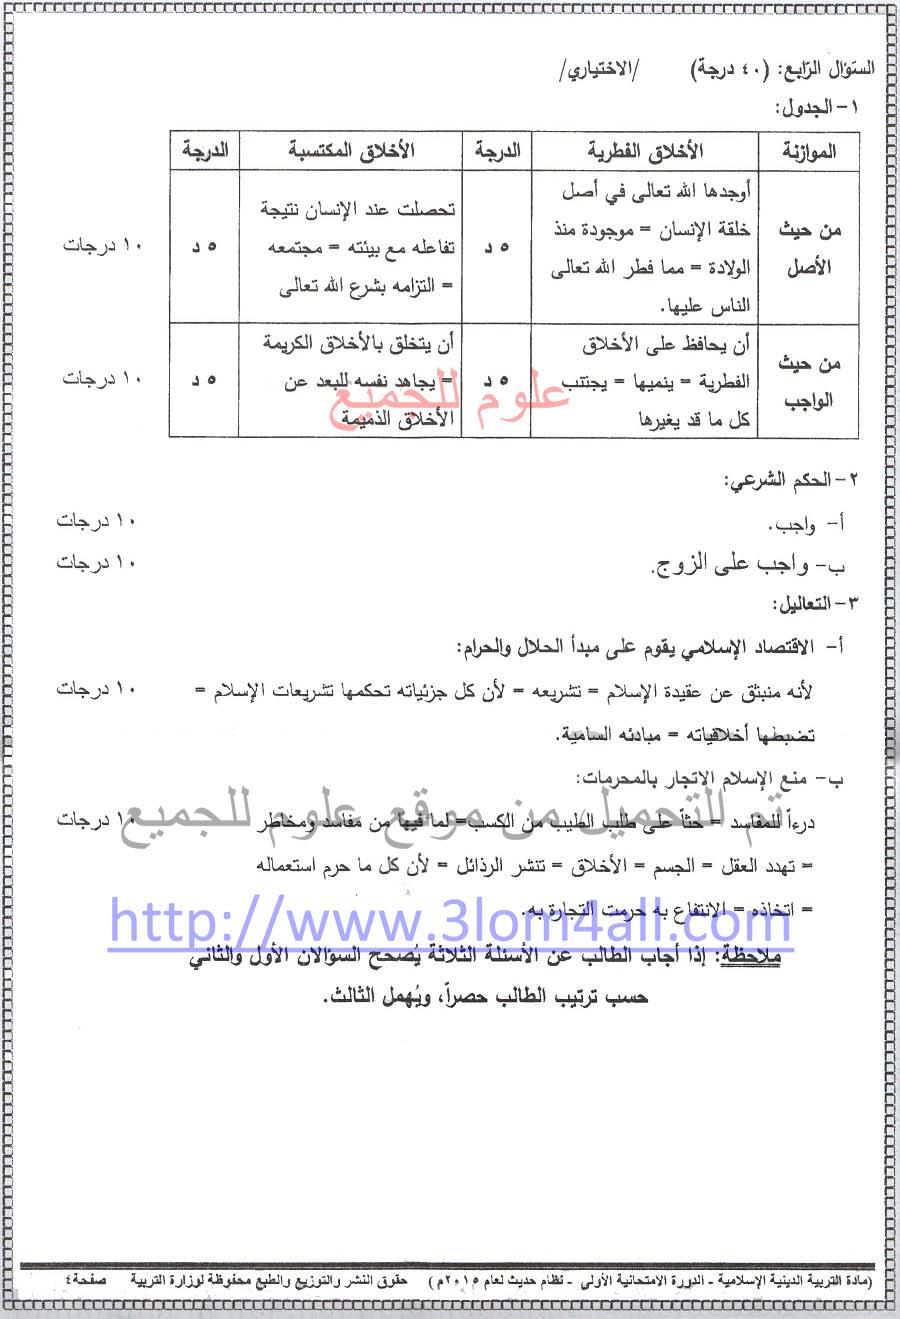 اسئلة امتحان مادة التربية الإسلامية  الديانة بكالوريا سوريا الفرع العلمي والأدبي 1463474677195.jpeg